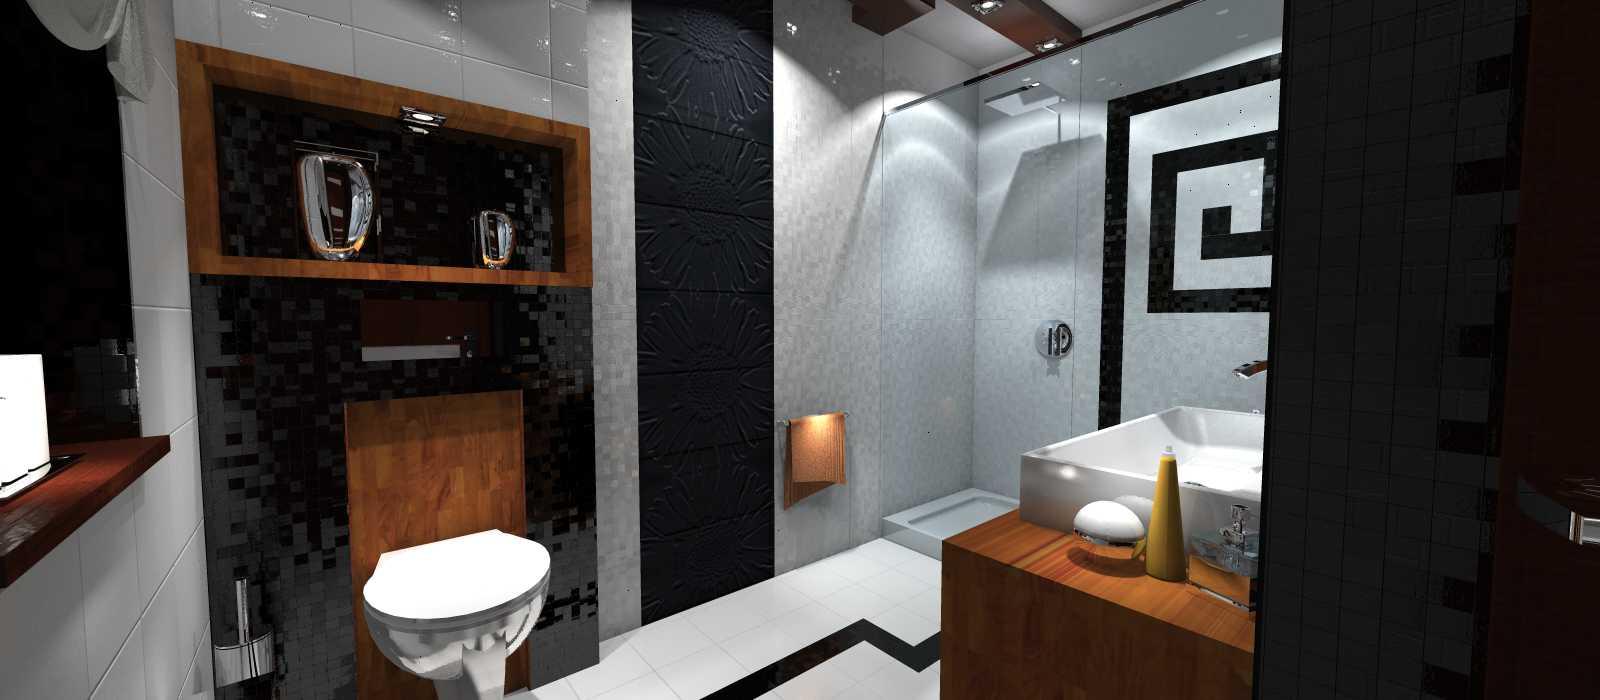 Łazienka biało czarna z dodatkiem drewna - Portfolio - Ancu Design